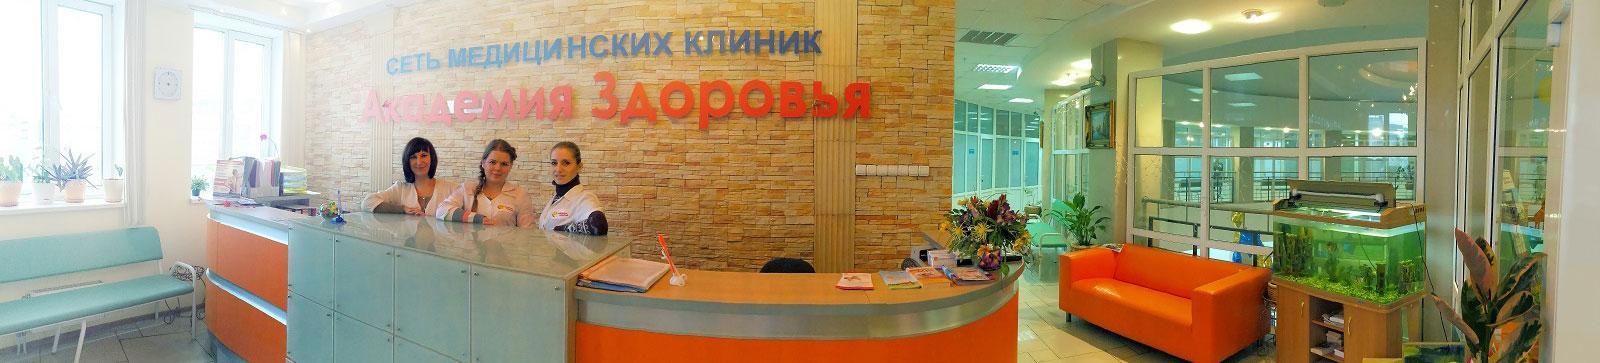 фотография Медицинской клиники Академия здоровья на проспекте Ленина